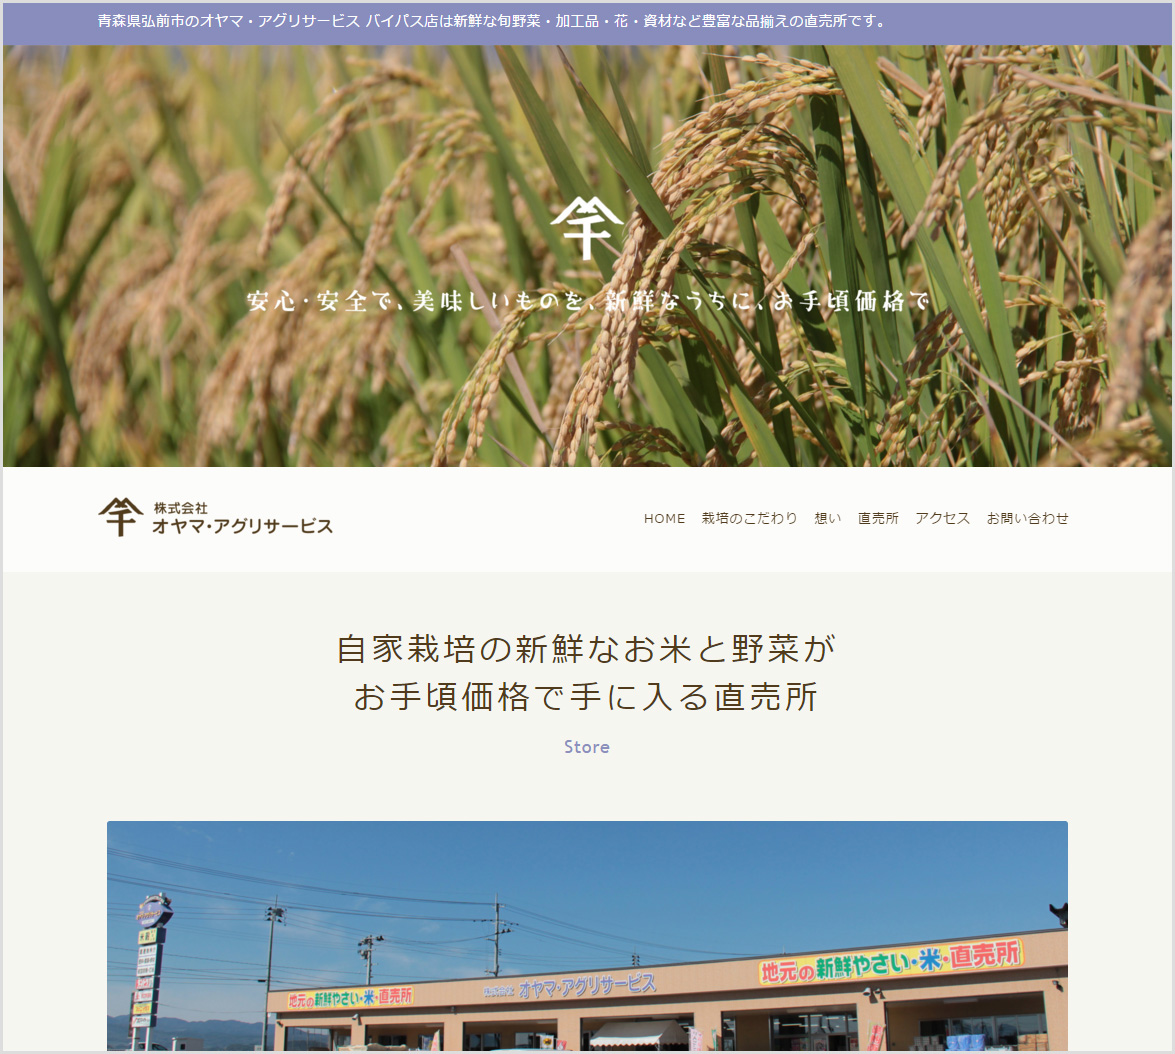 オヤマ・アグリサービスのホームページがオープン!